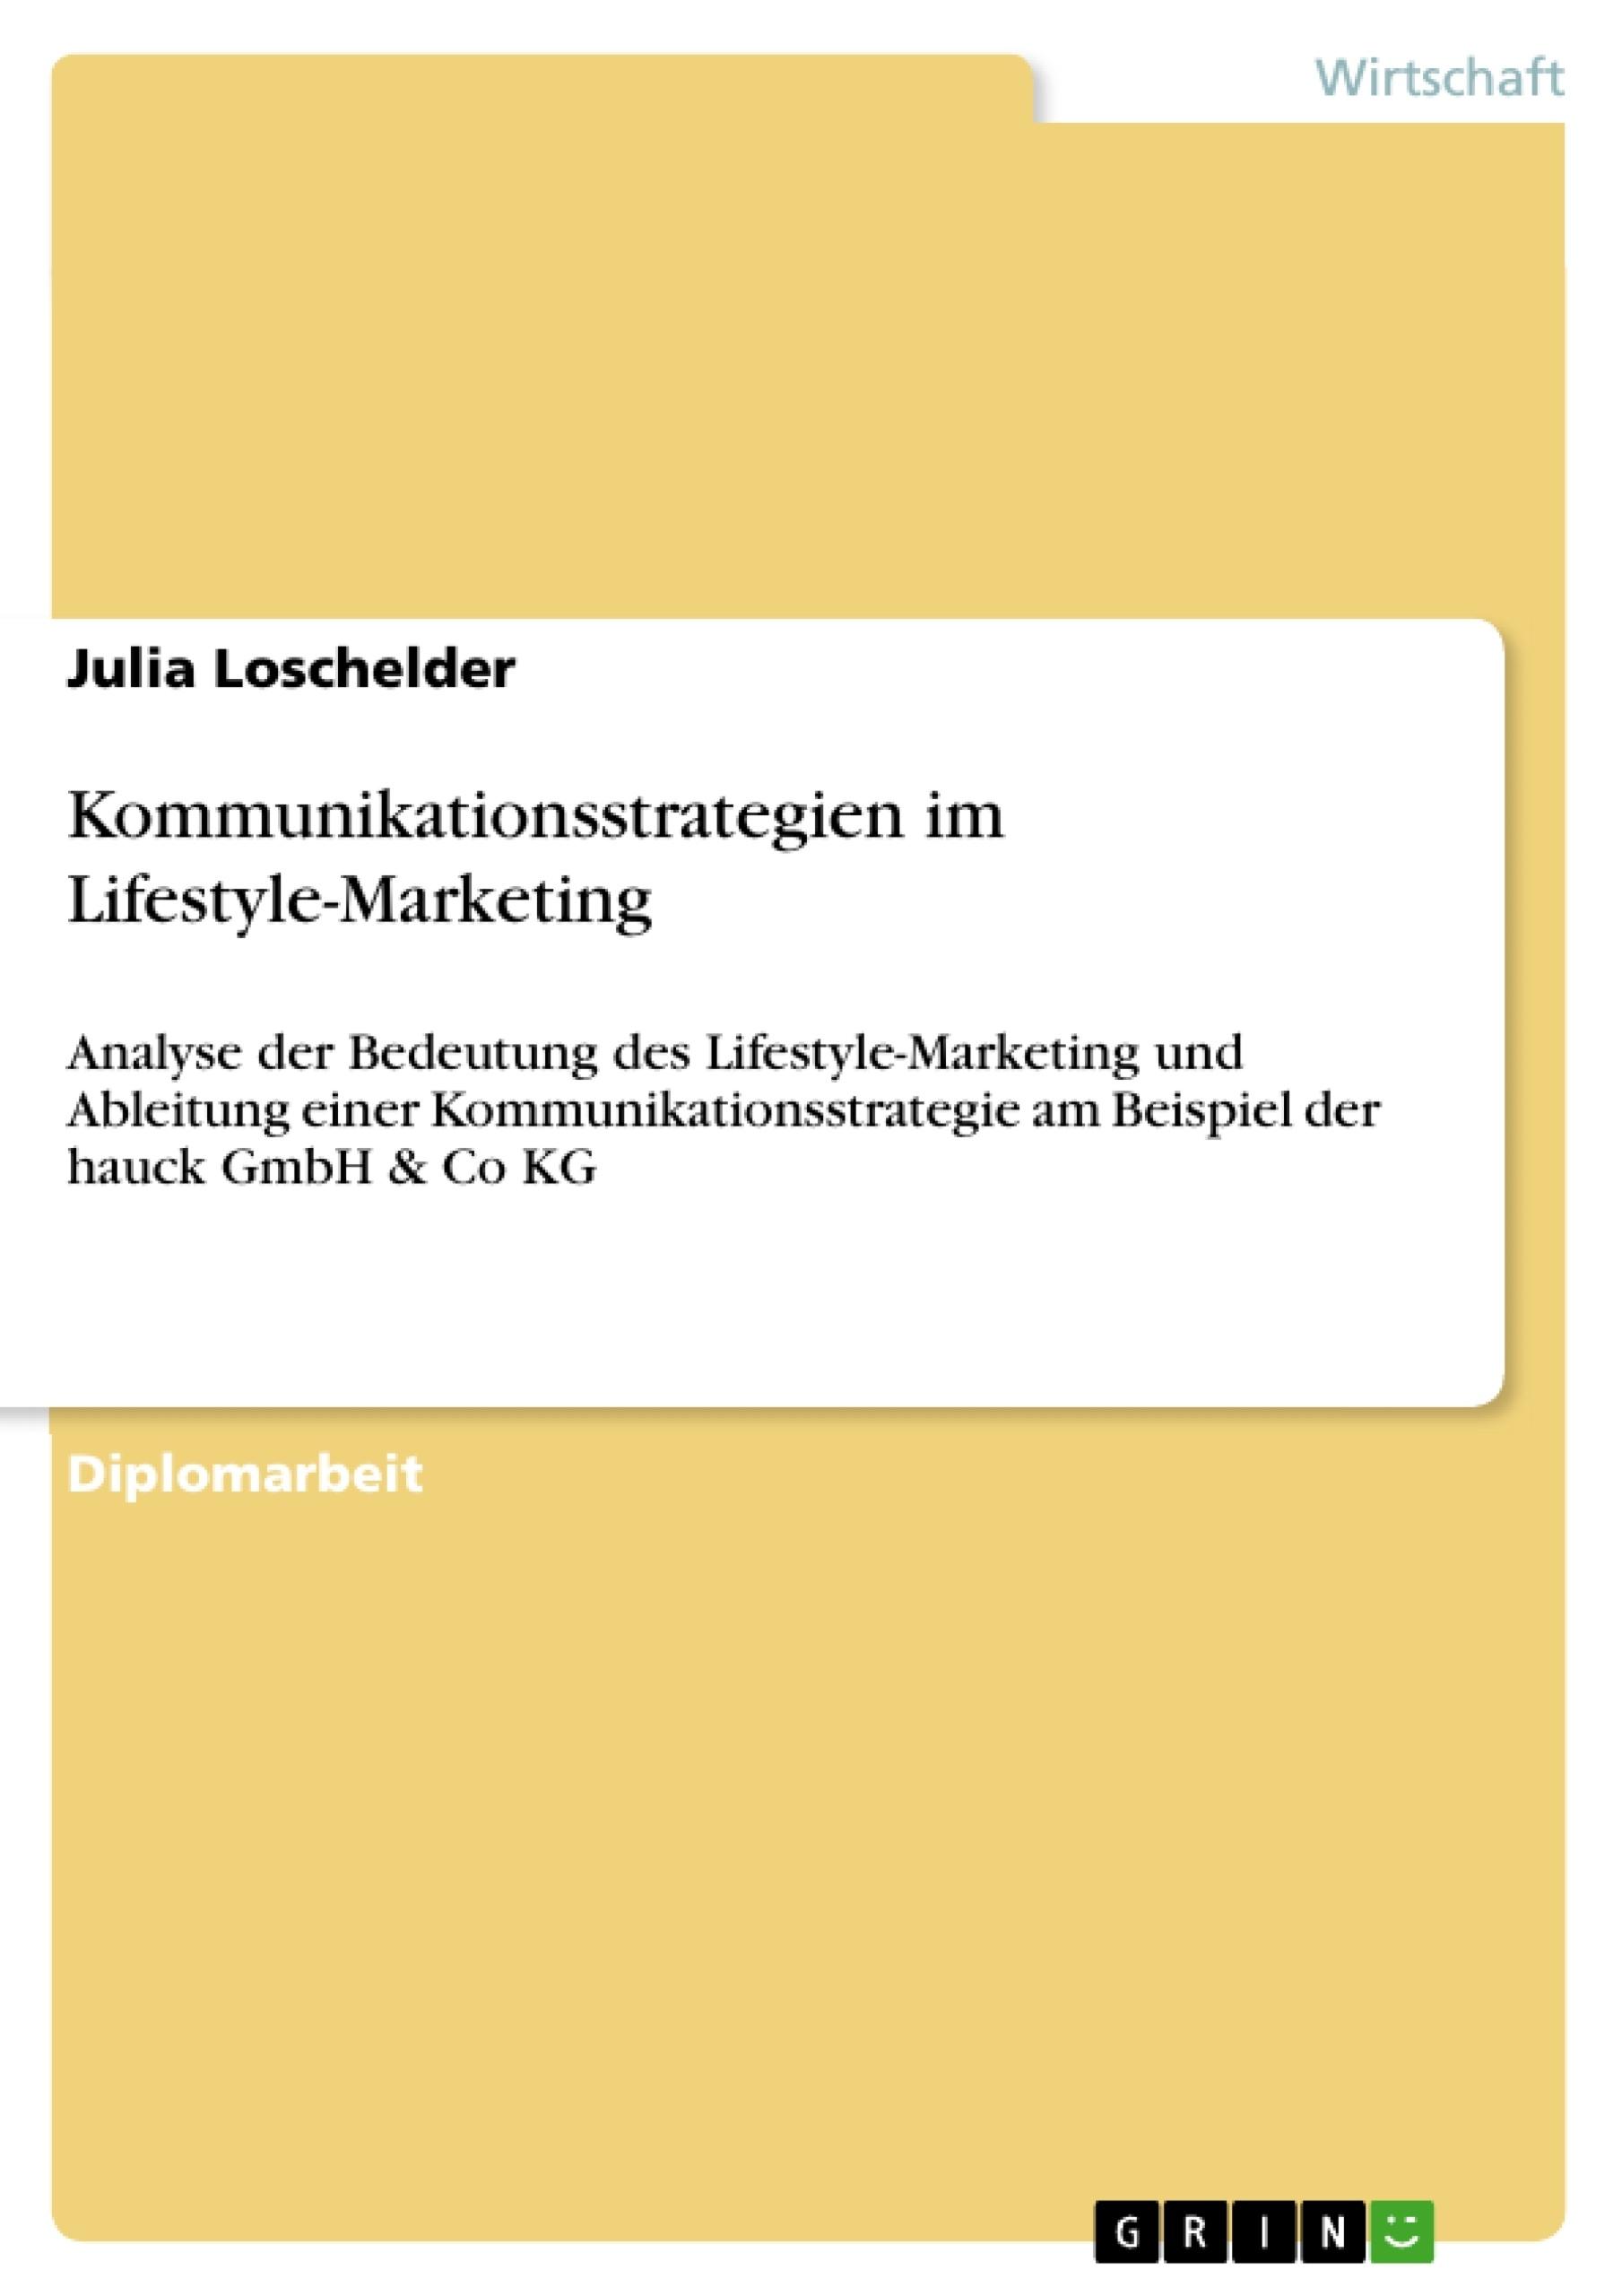 Titel: Kommunikationsstrategien im Lifestyle-Marketing